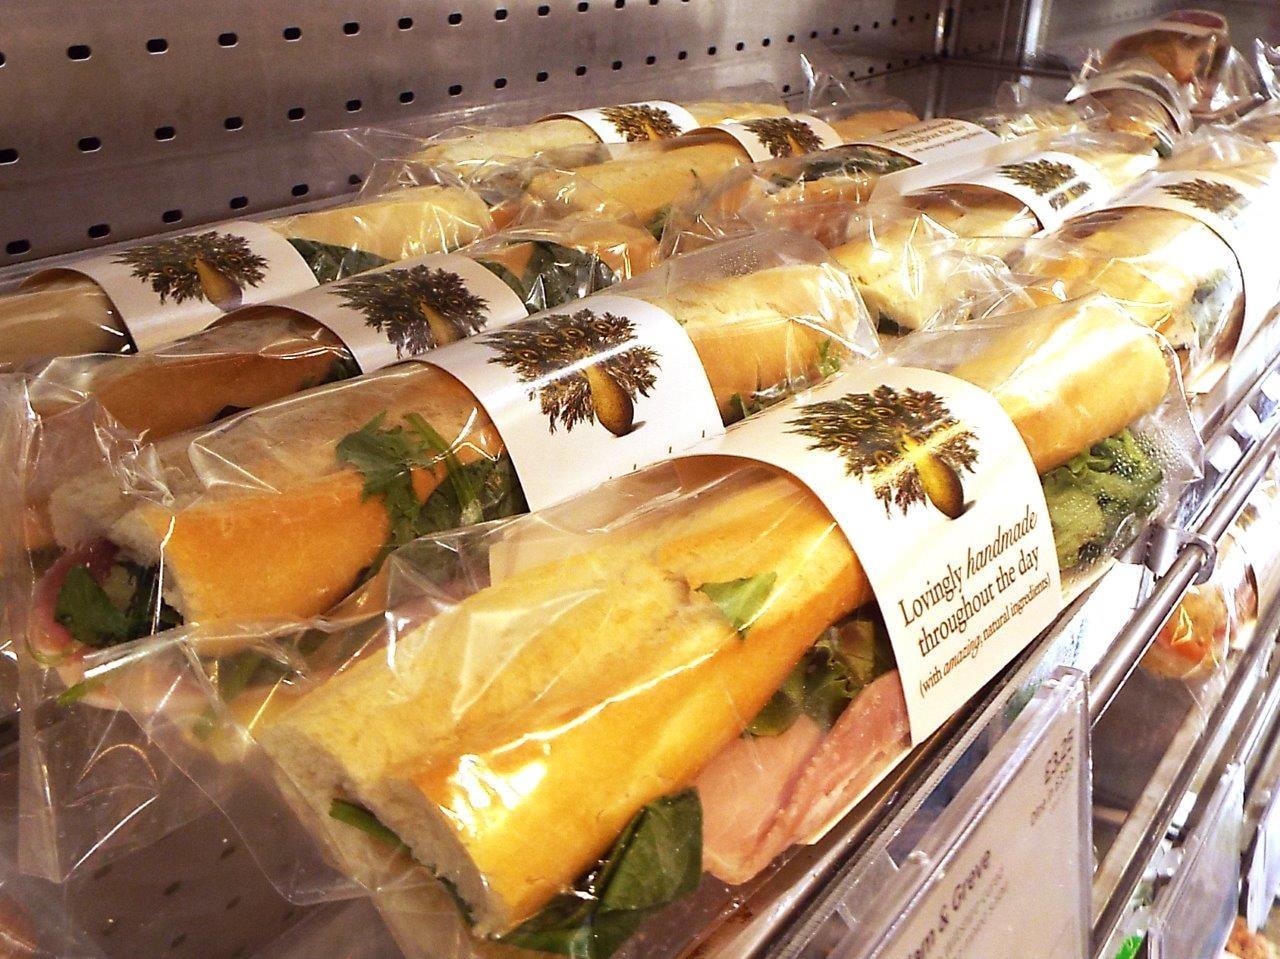 PRET - meat baguettes